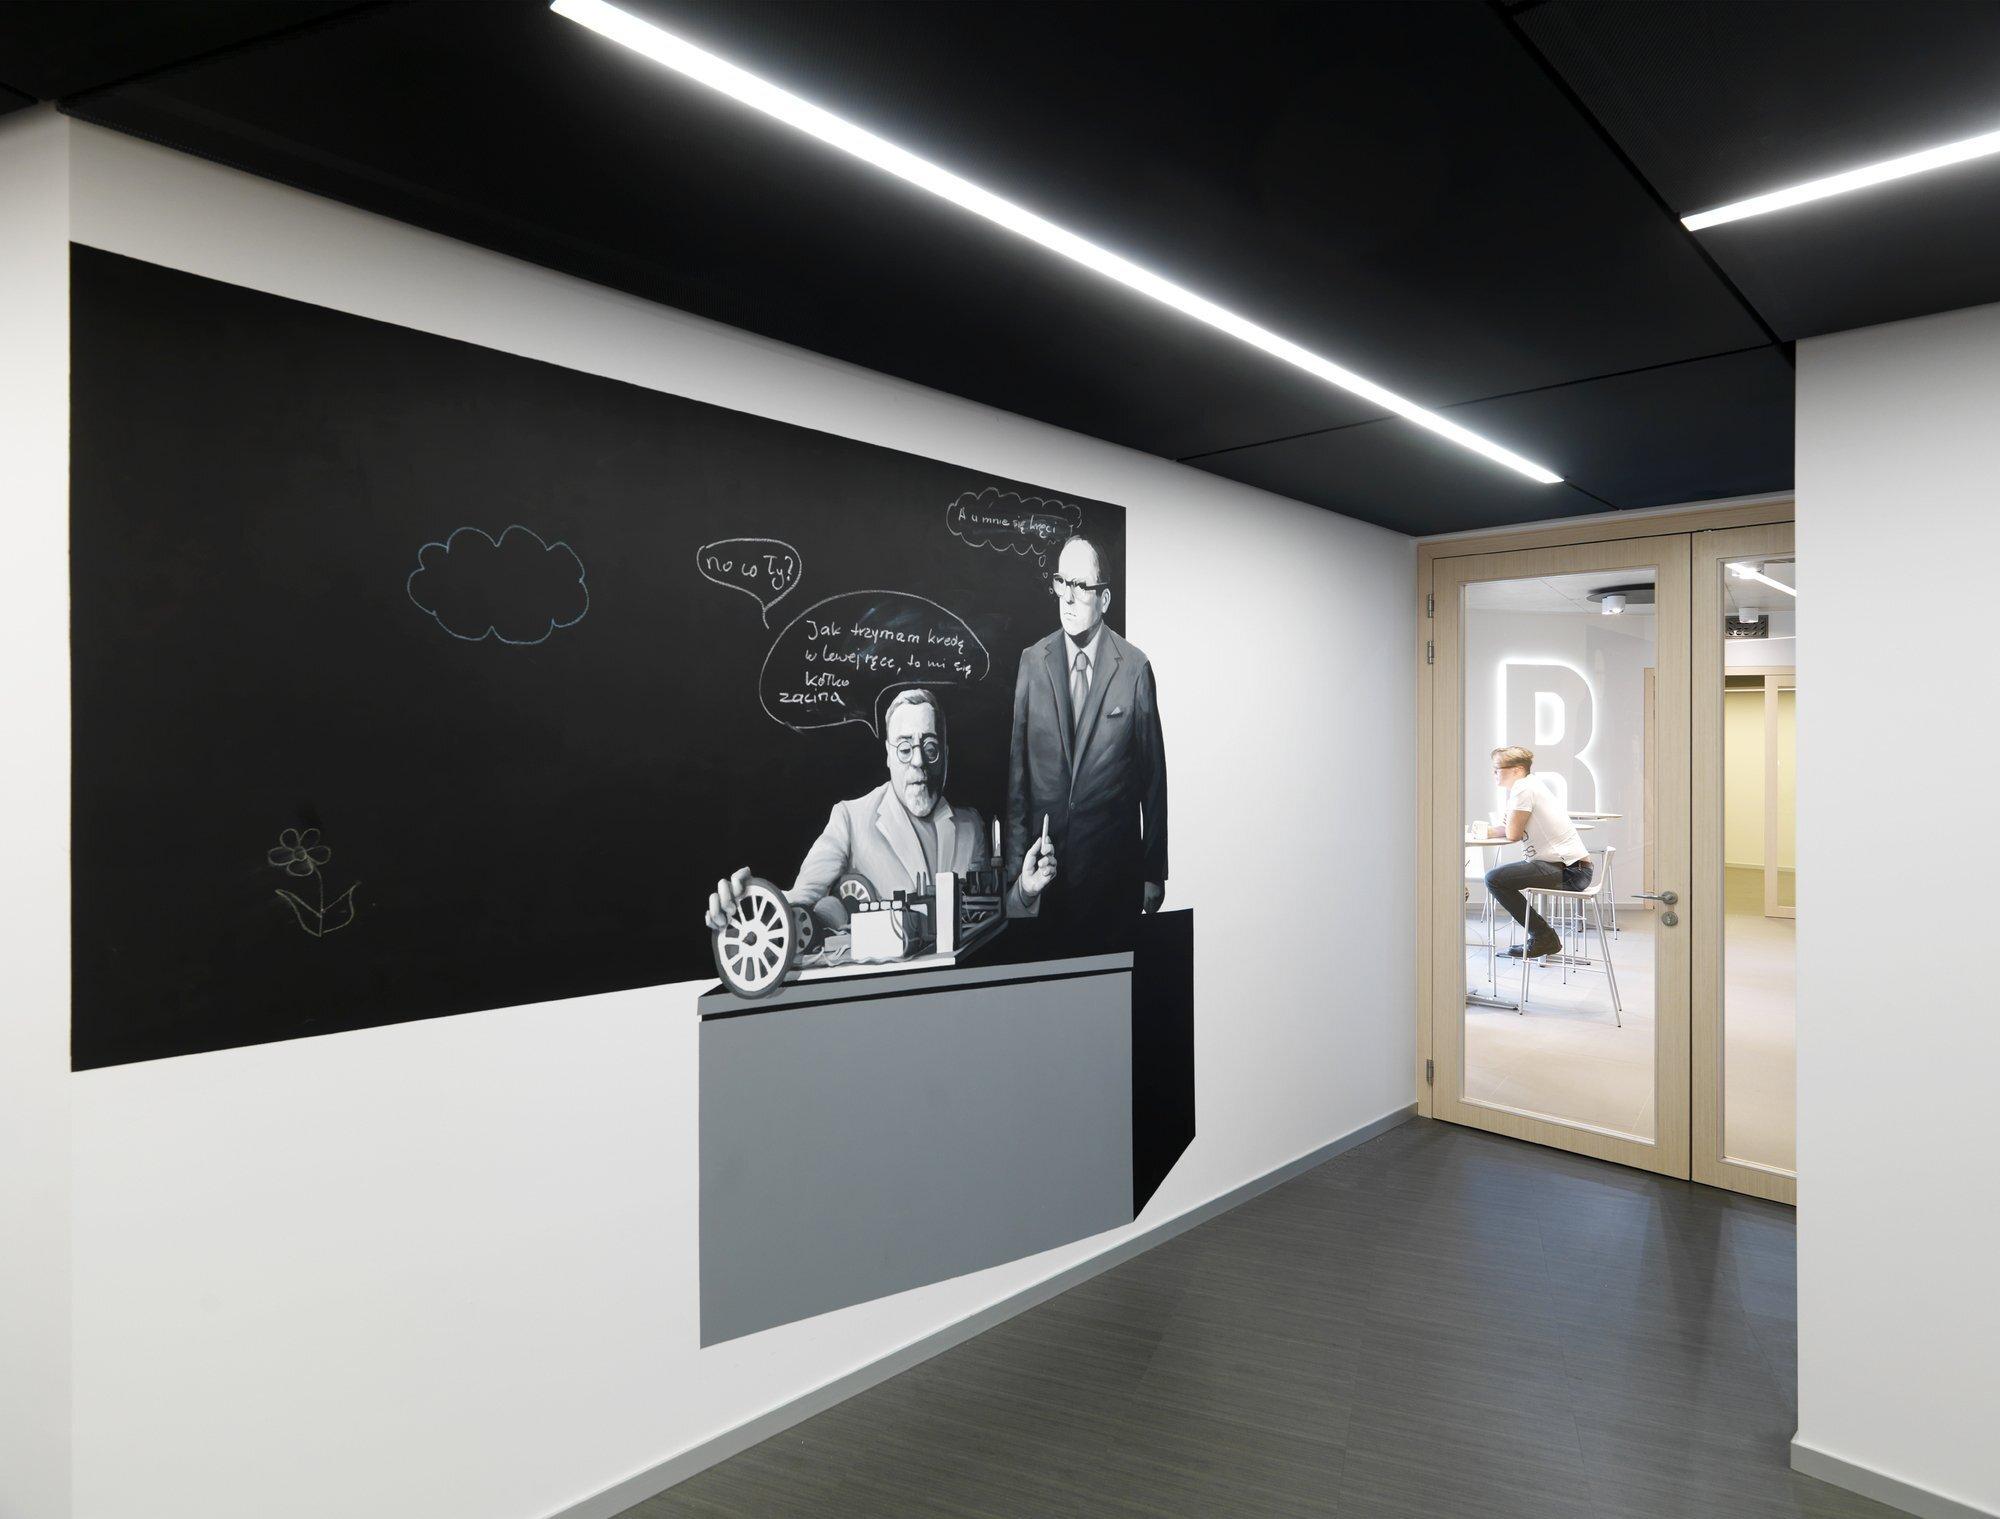 现代上海办公室装修的主要功能区域及风格特征